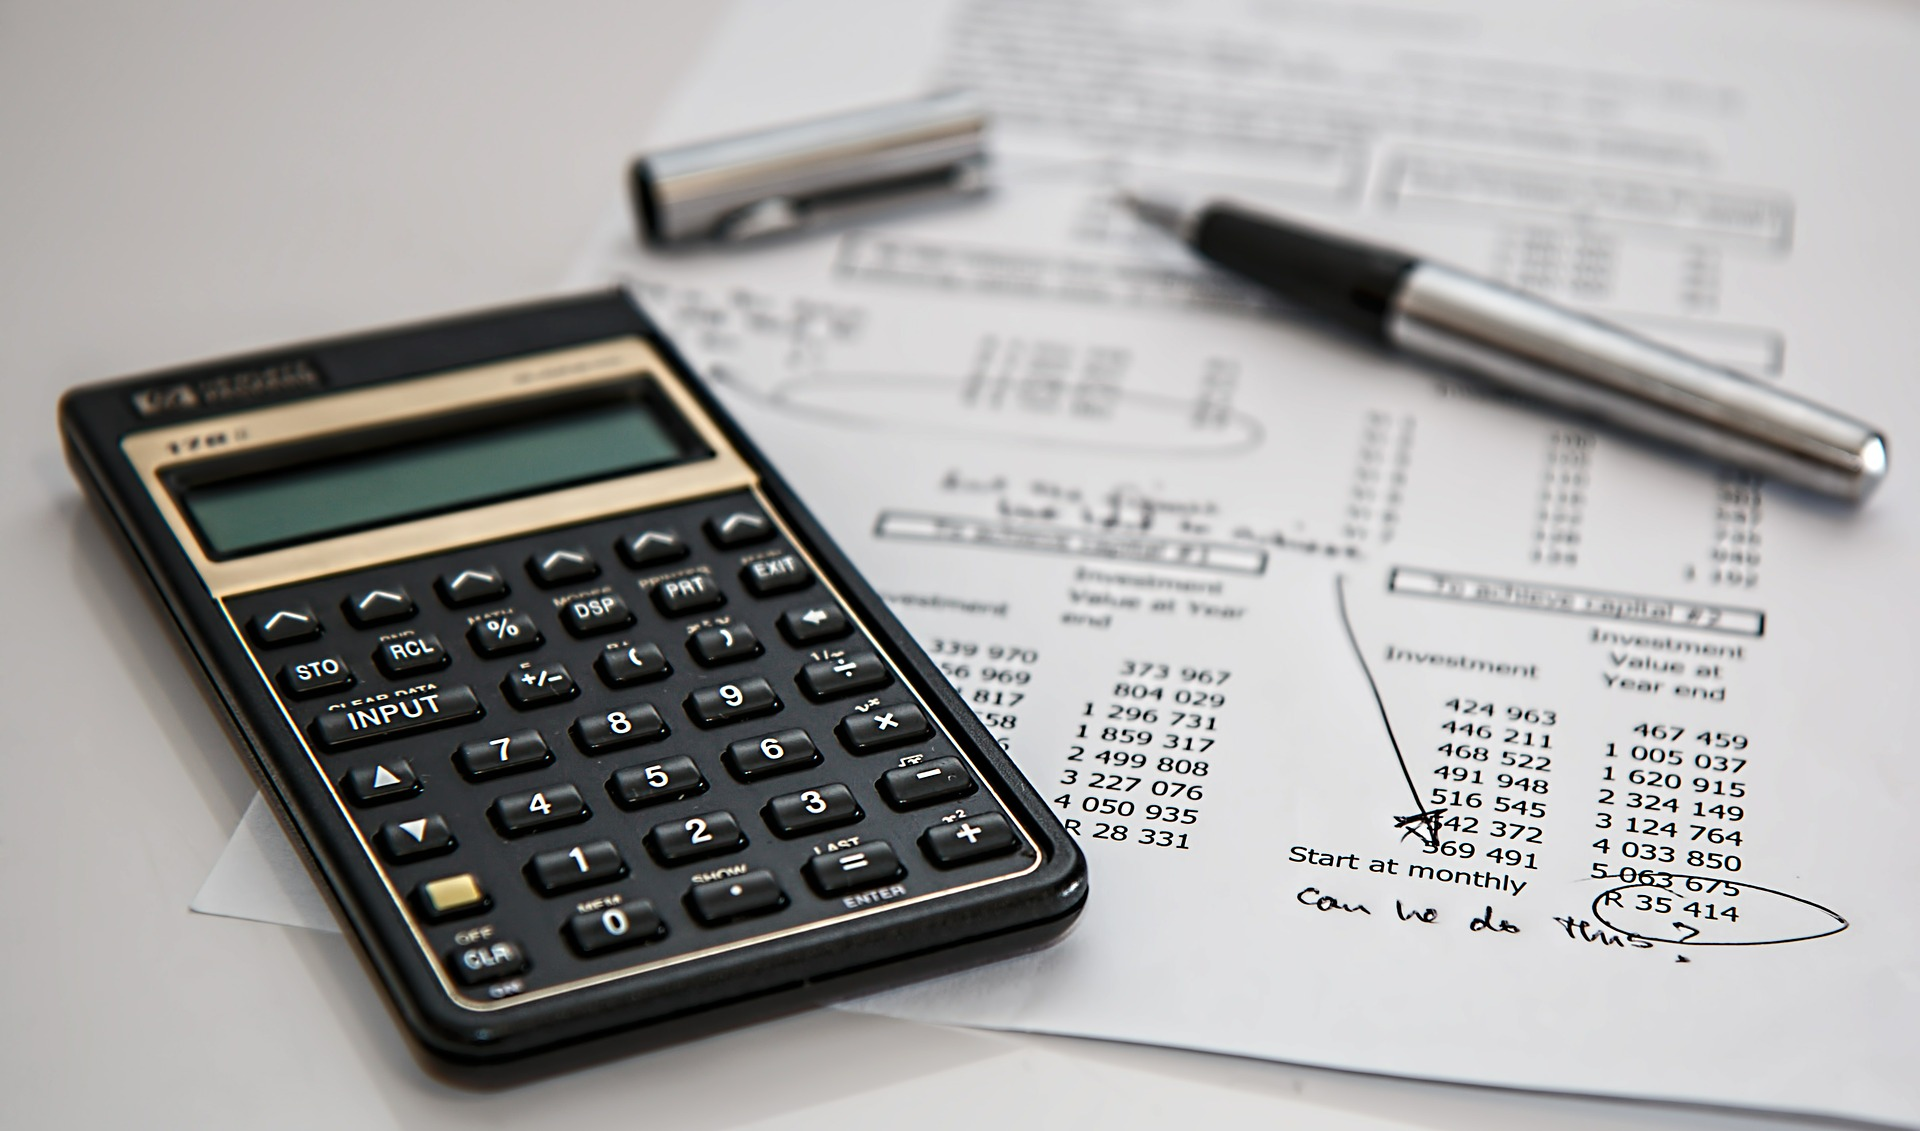 Jak dlouhou uchovávat účetní doklady?